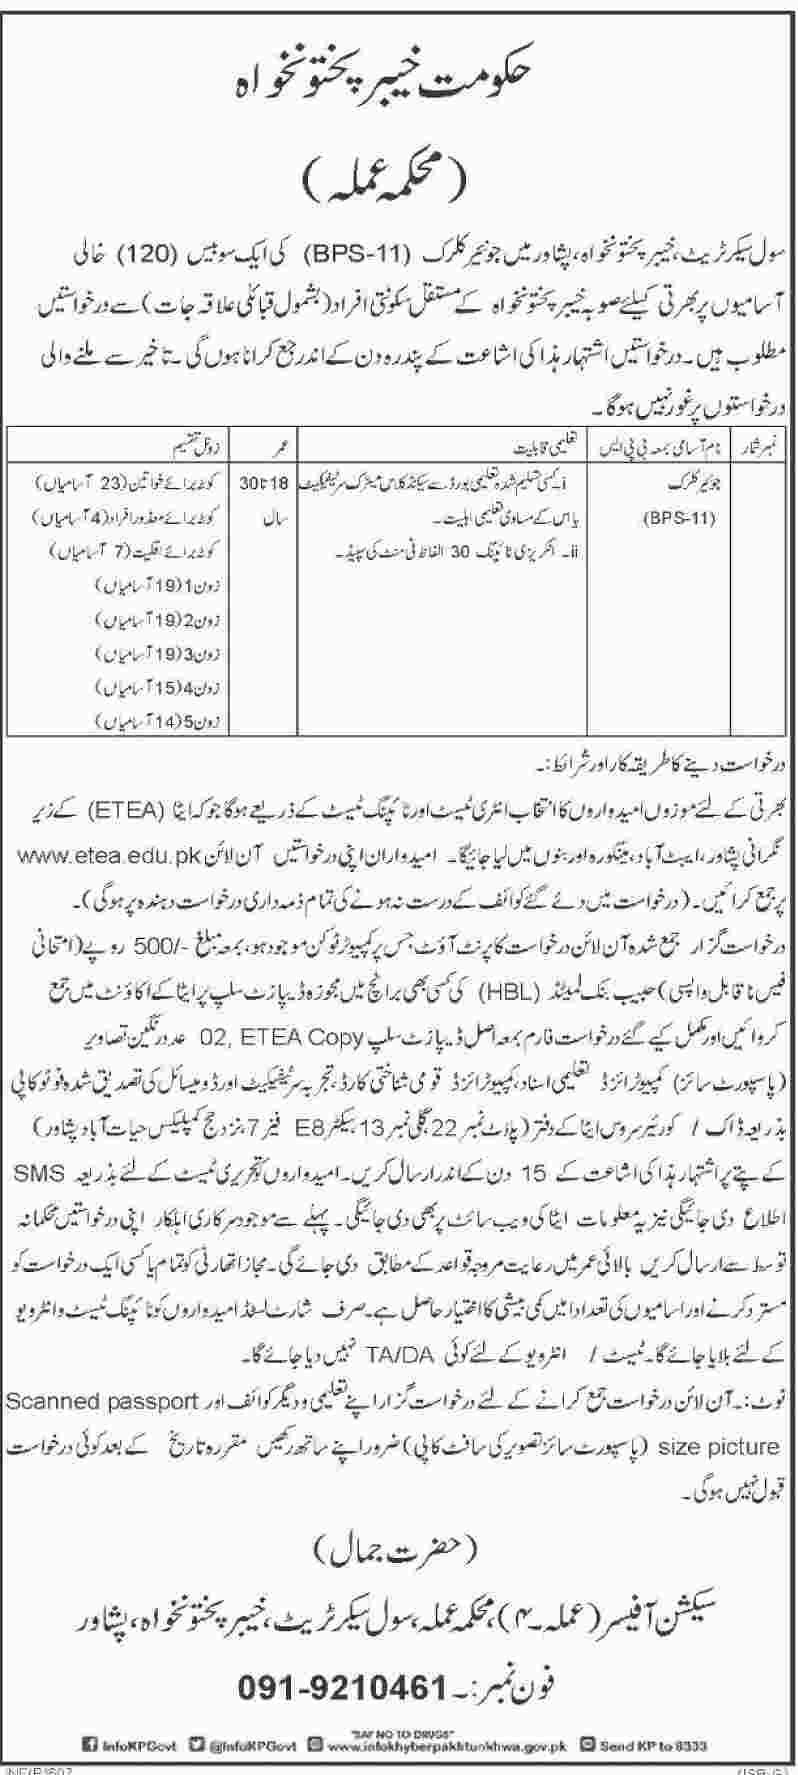 Peshawar Civil Secretariat Junior Clerk Jobs Jang Newspaper 08 February 2018